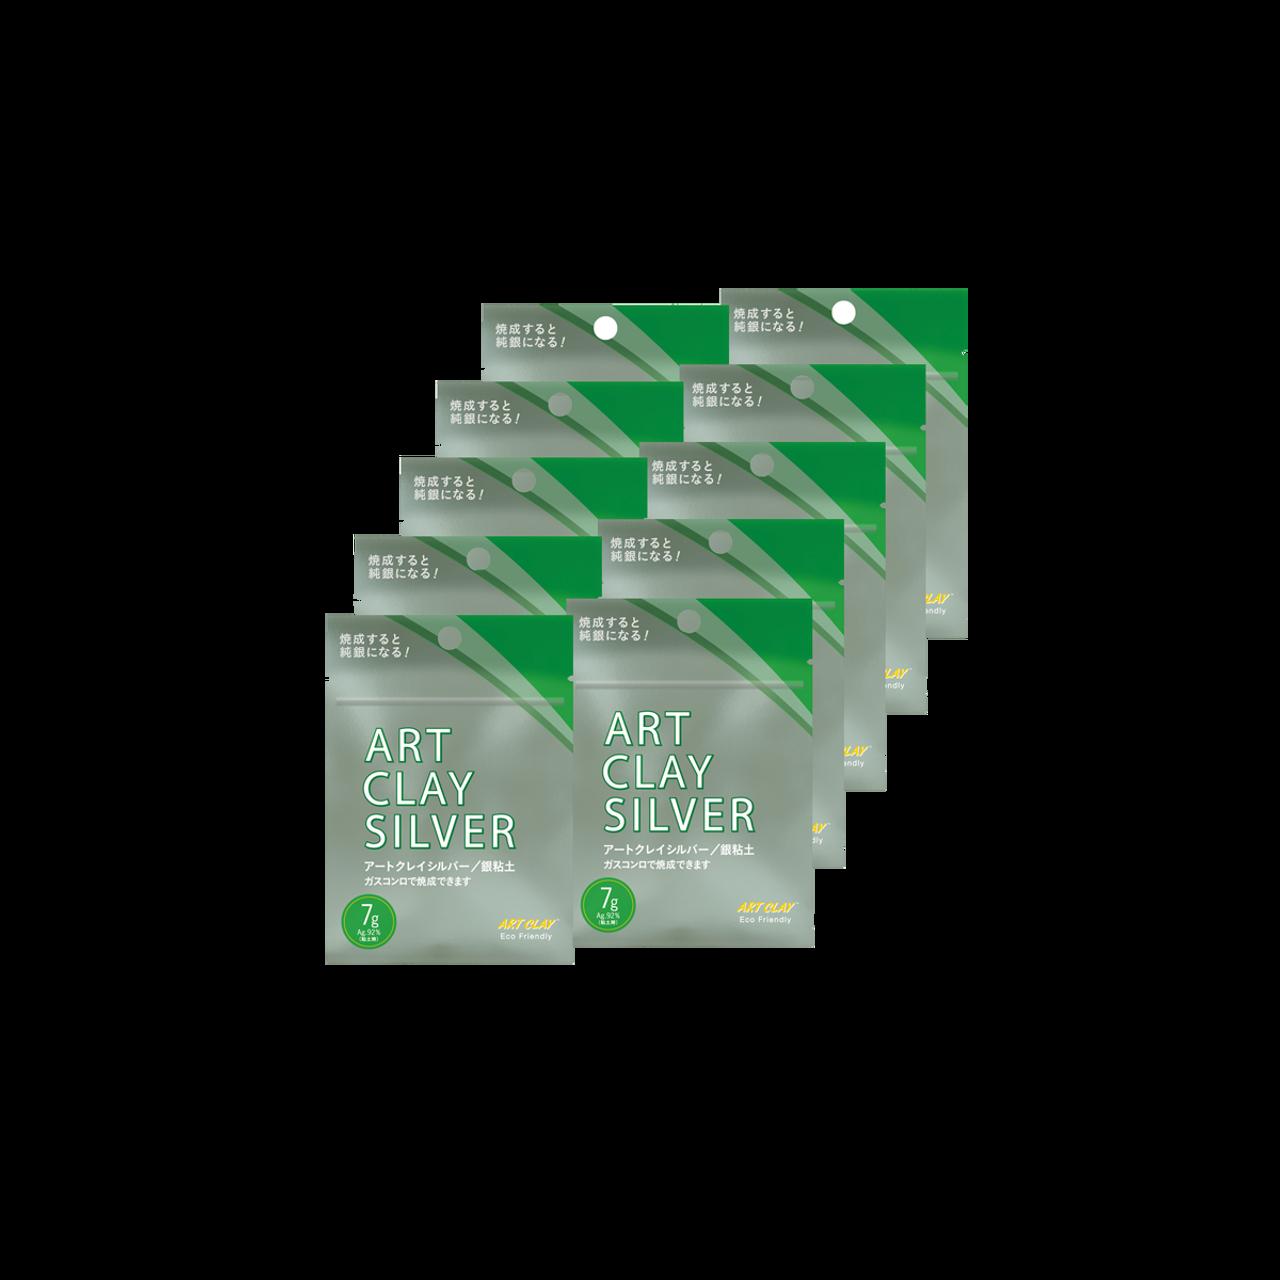 Art Clay Silver - 7gm - *Bulk buy 10pcs*